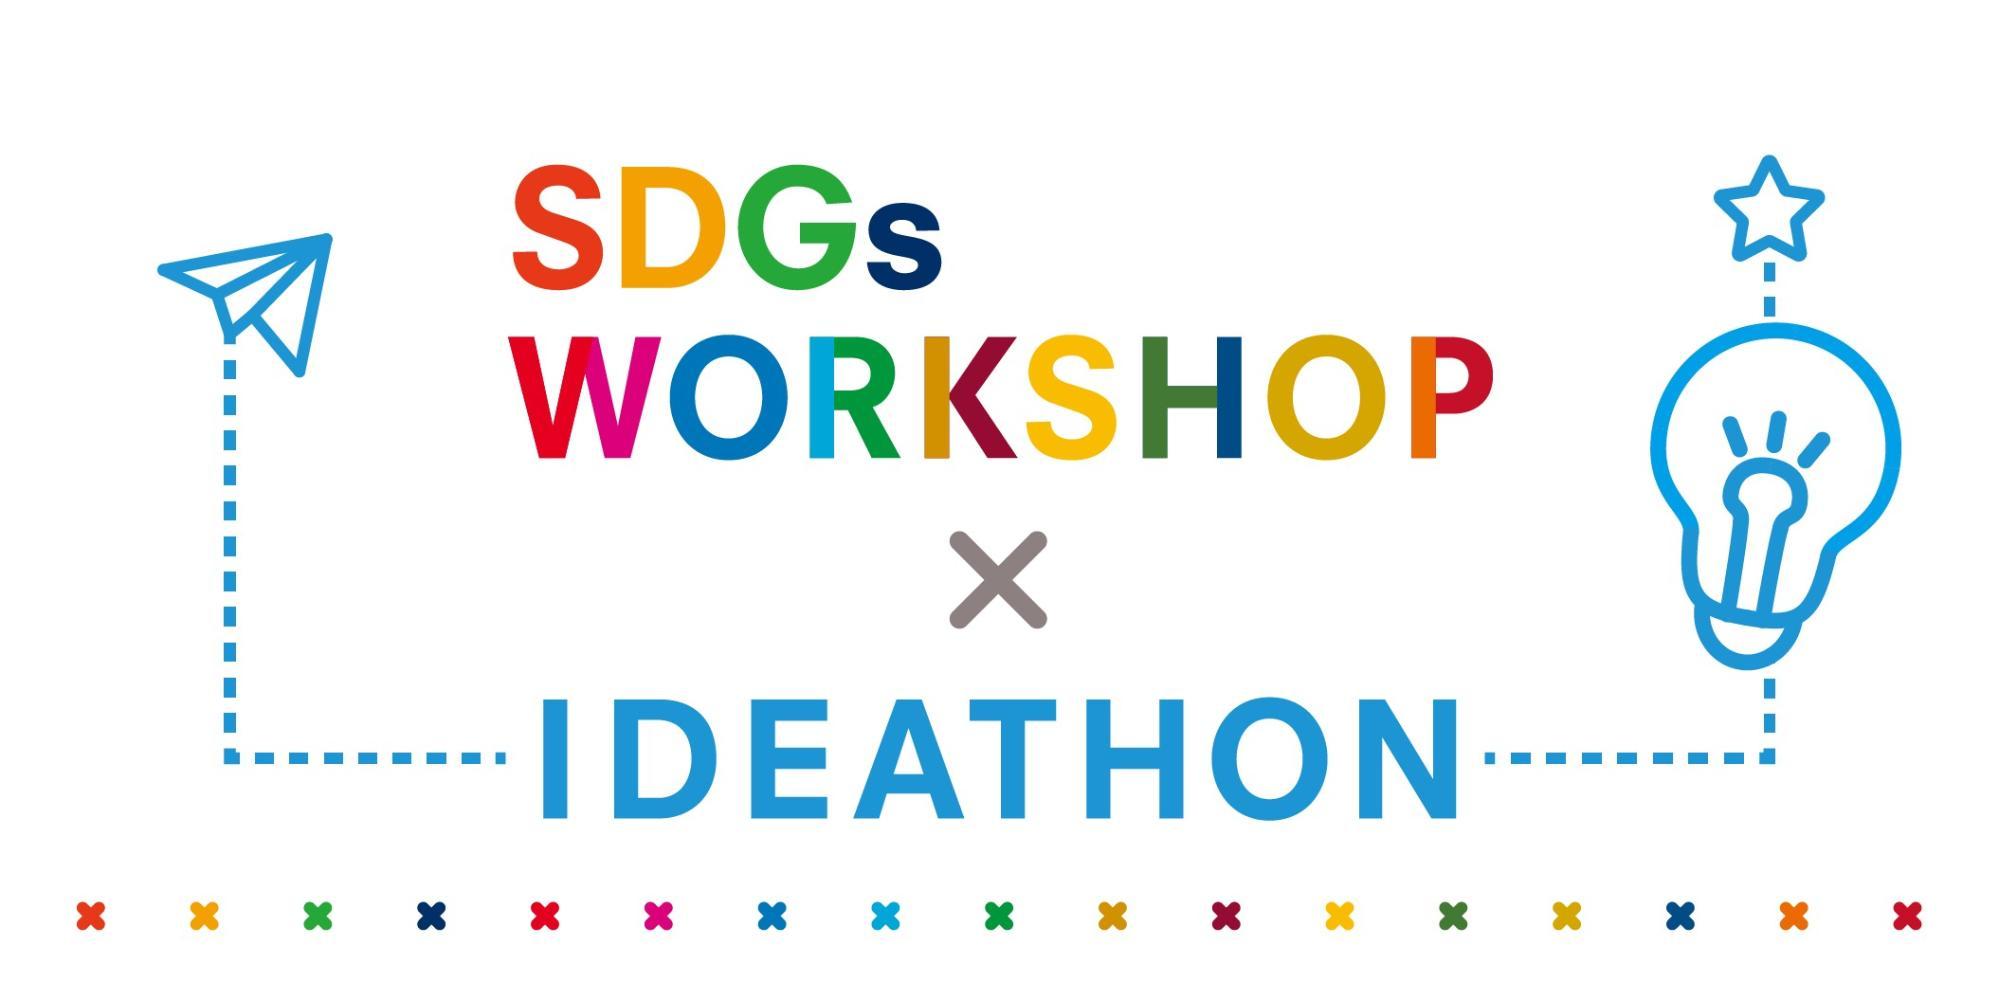 【8/22 学生向けオンラインアイデアソンの開催】「衛星データ」×「SDGs」でアイデア創出。社会課題を自分ゴトとして考えてみませんか?